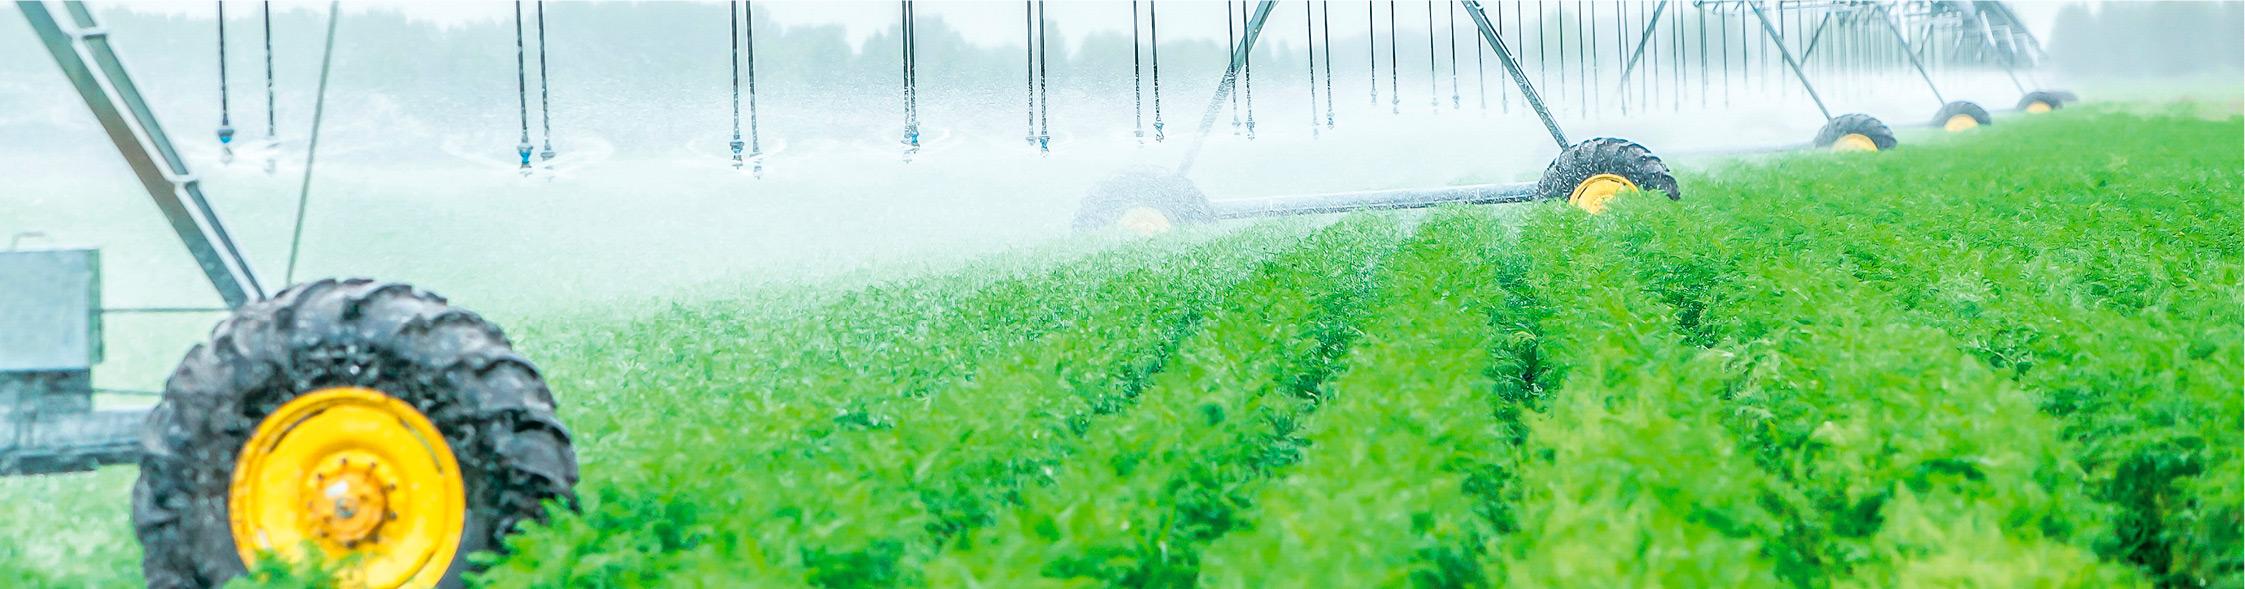 Productos de uso agrícola - Productos AJF